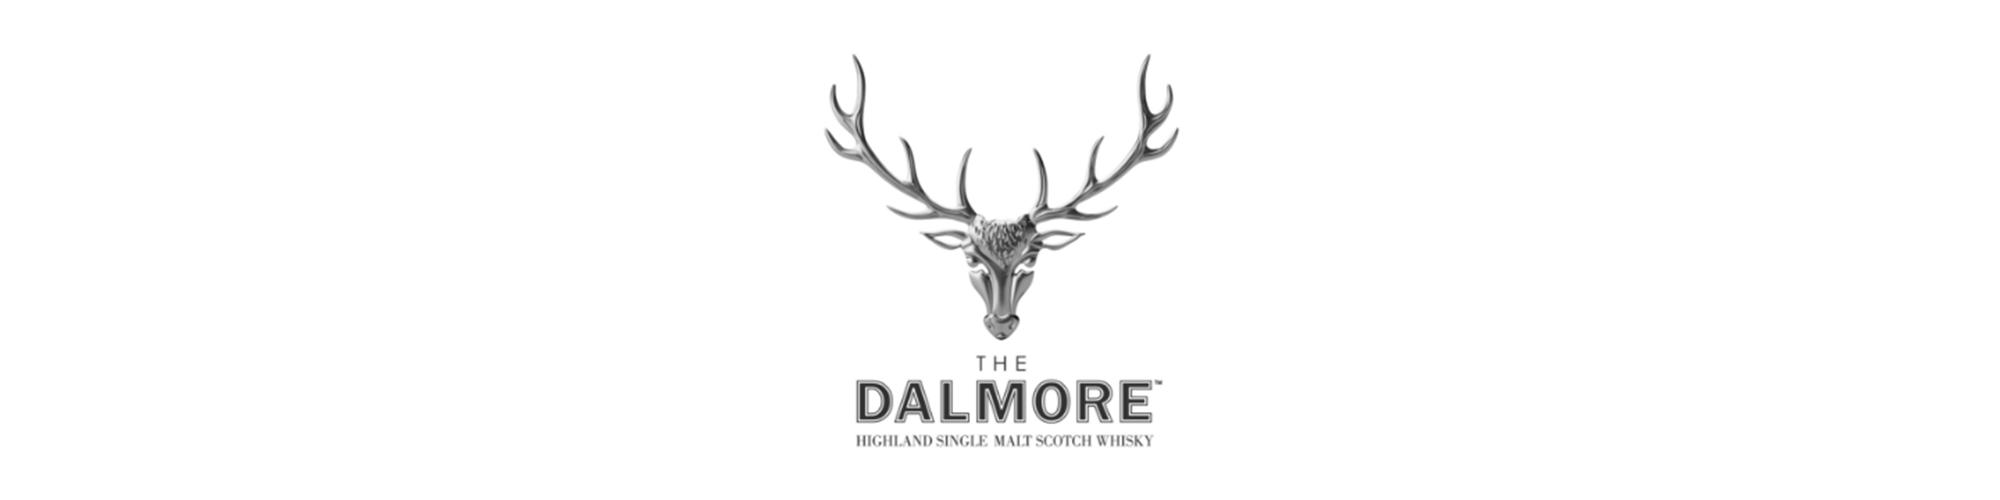 dalmore-web-banner-1